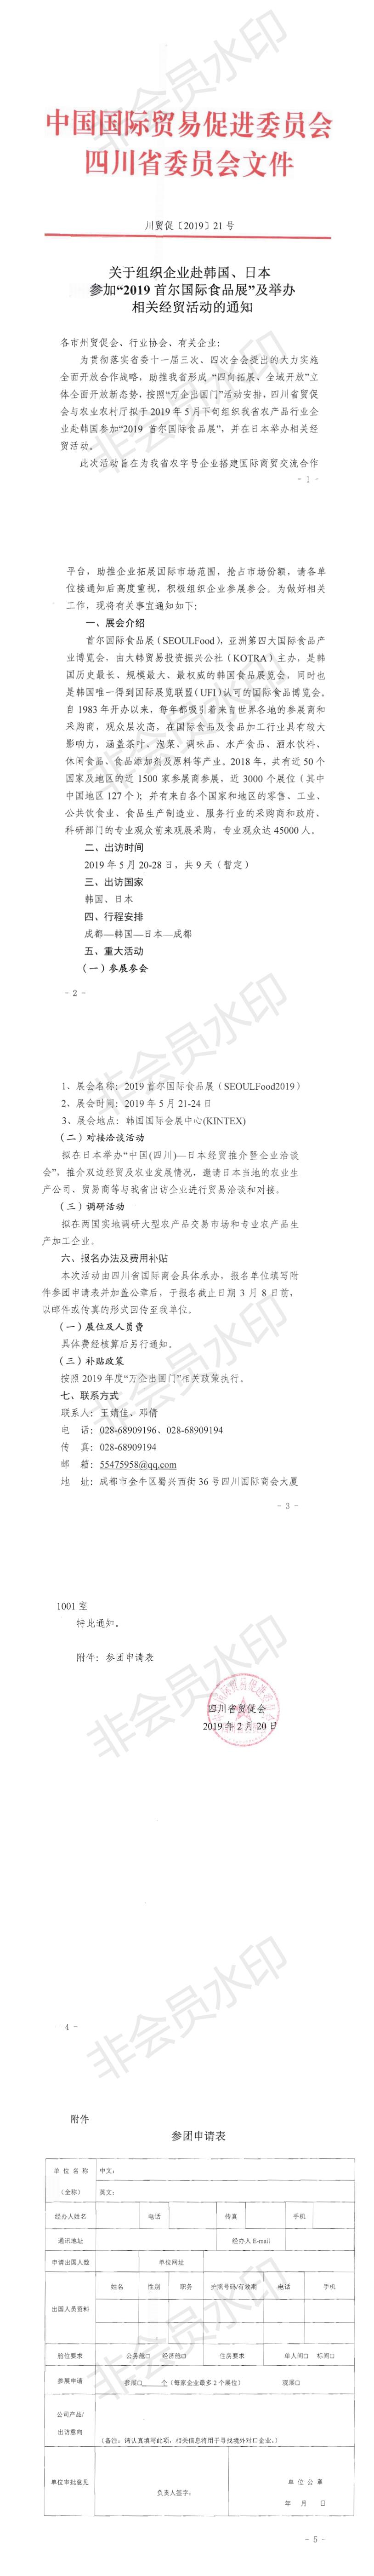 日韩组团通知文件_0